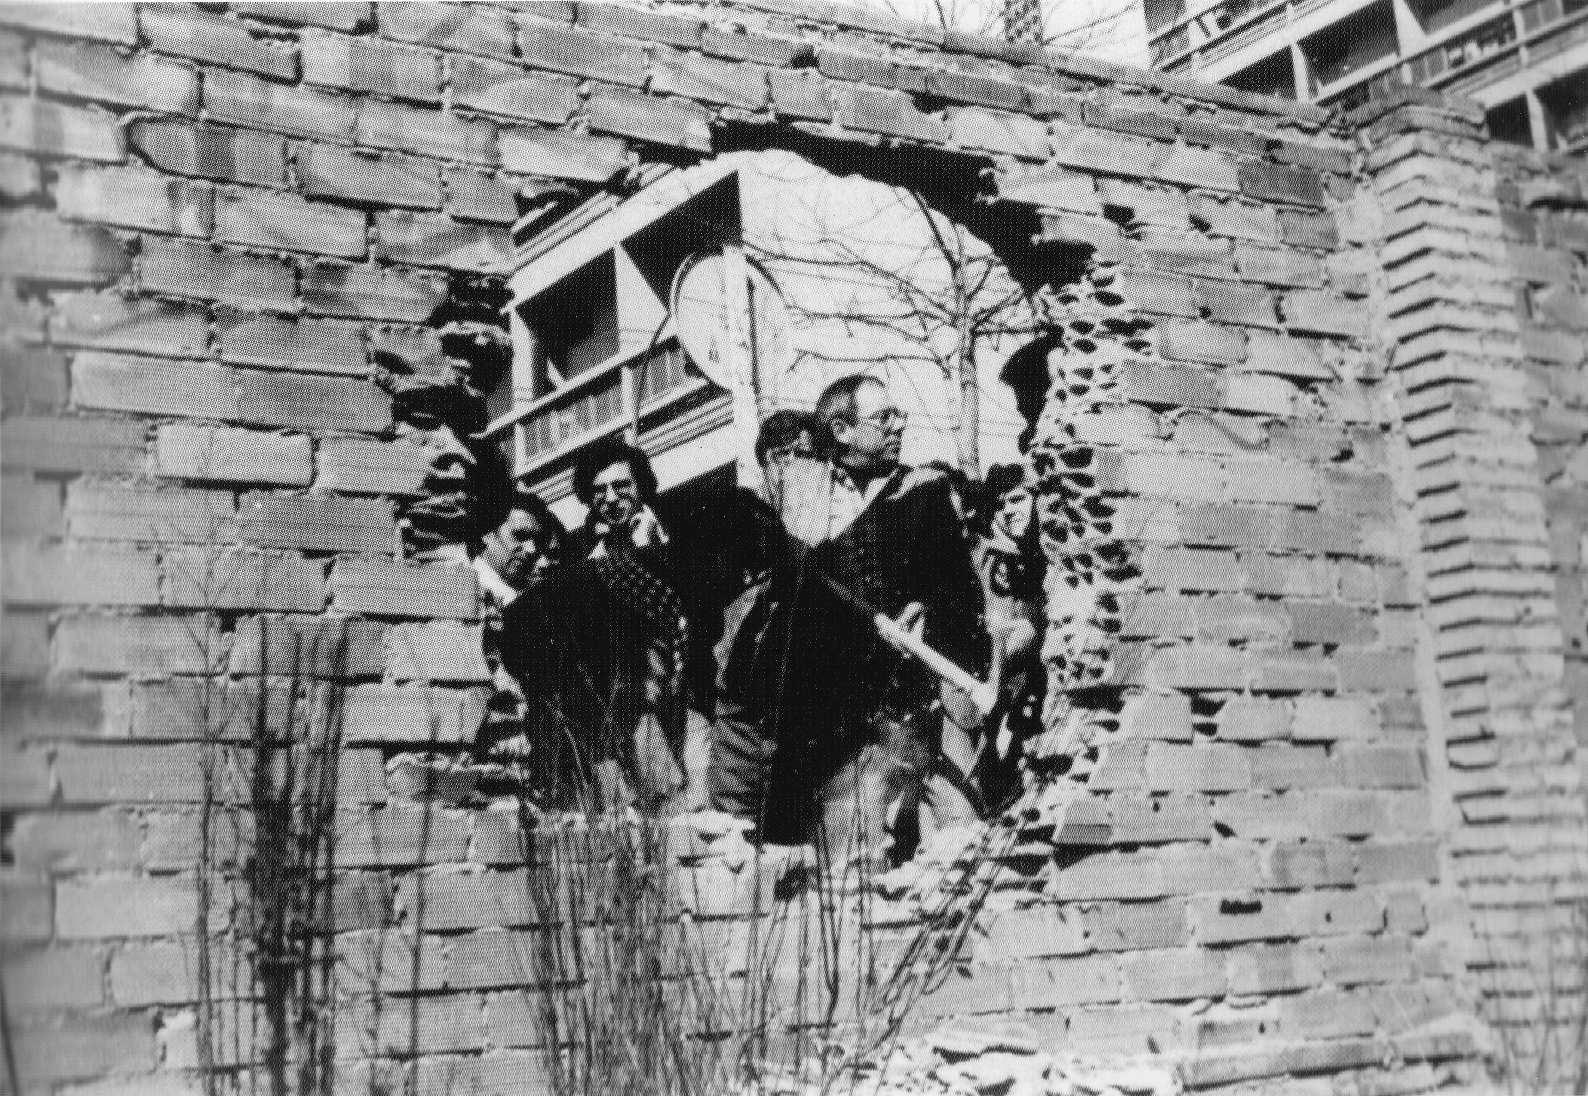 Vecinos del puerto ocupan los terrenos de Can Sabaté en 1979. Fuente: FAVB. 1970-2012: 40 anys d´acció veïnal. Quaderns de carrer. Editorial Mediterrània. Barcelona, 2010.